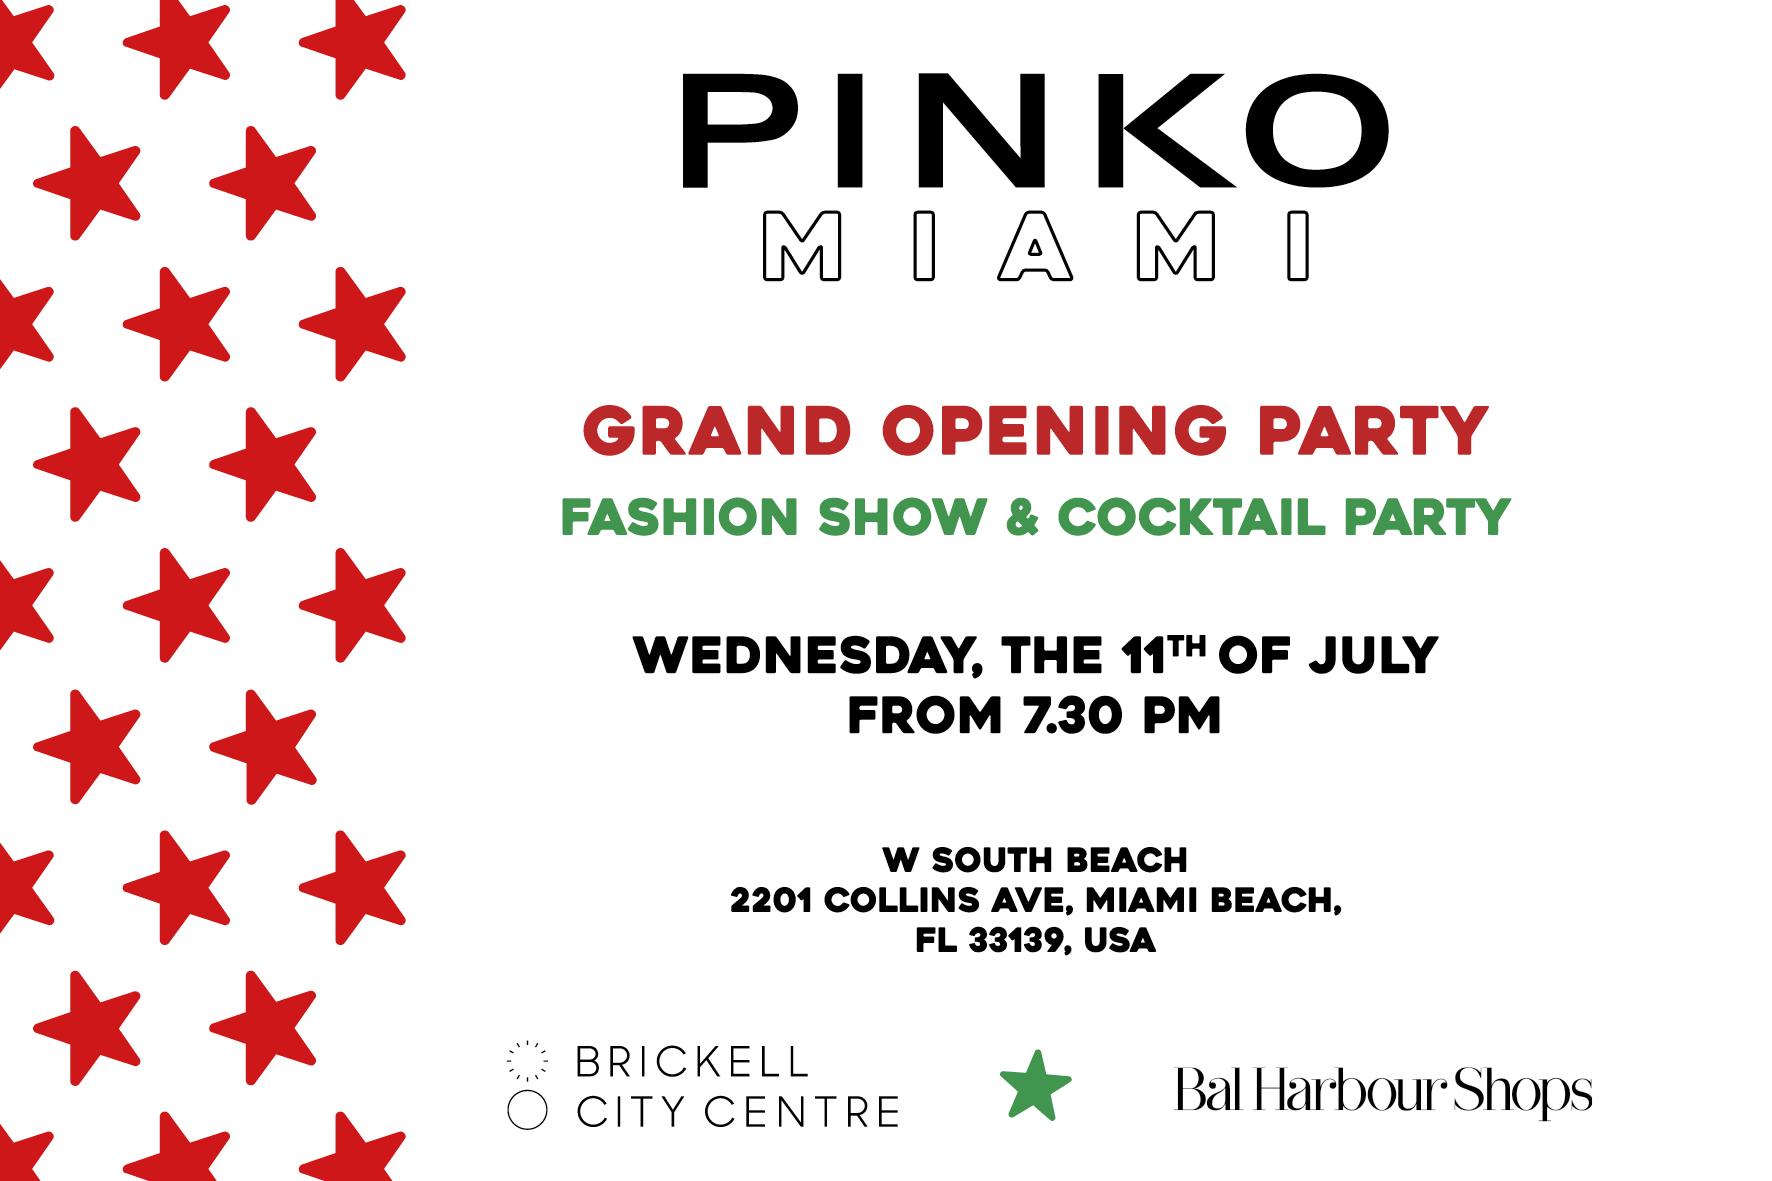 PINKO Miami Swim Week - Fashion Show & Cocktail Party E-Vite.JPG